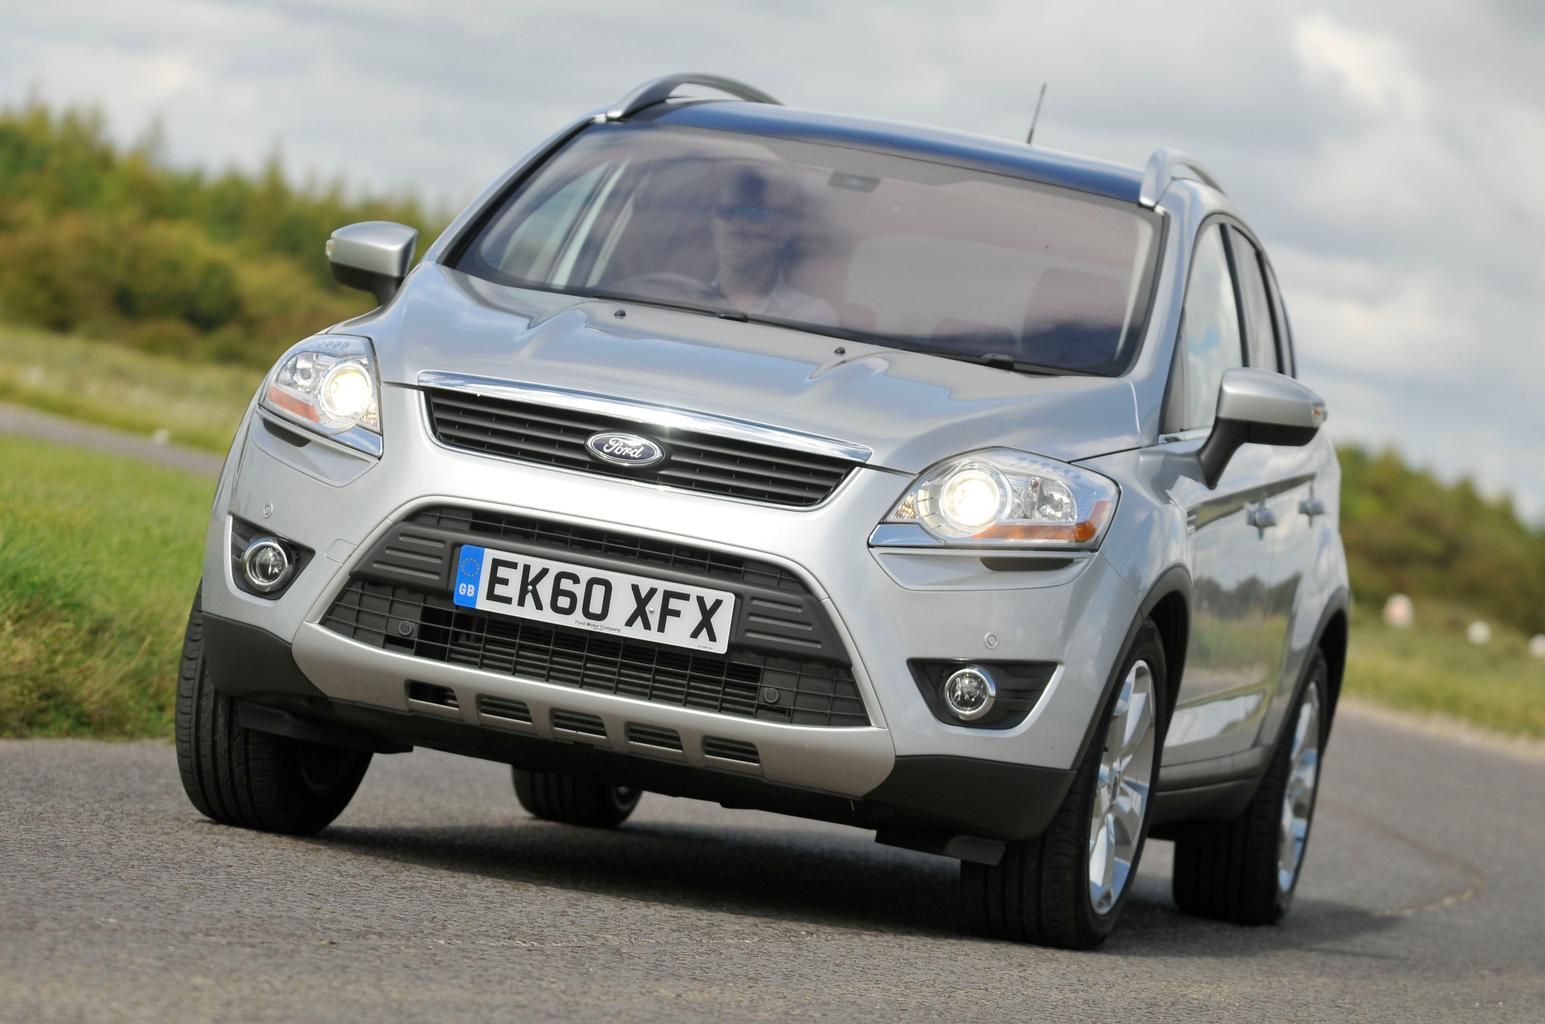 Used test: Ford Kuga vs Volkswagen Tiguan